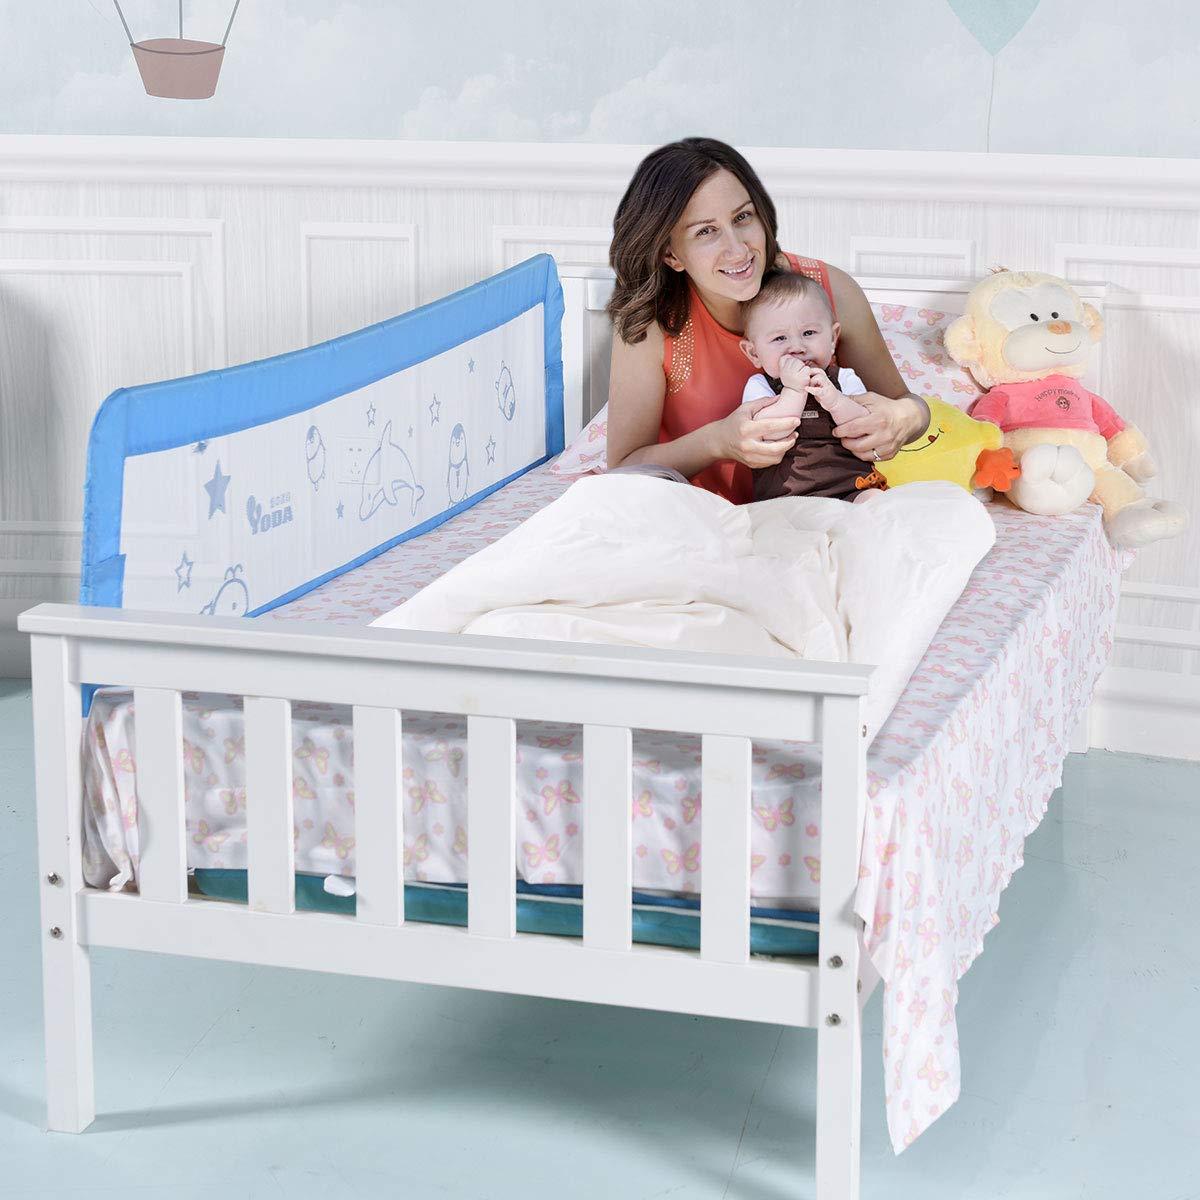 65acd1782c54e2 Barrière de Lit Portable pour Enfant Bébé Barrière Anti-Chute Lit Enfant  Bébé 180x54cm